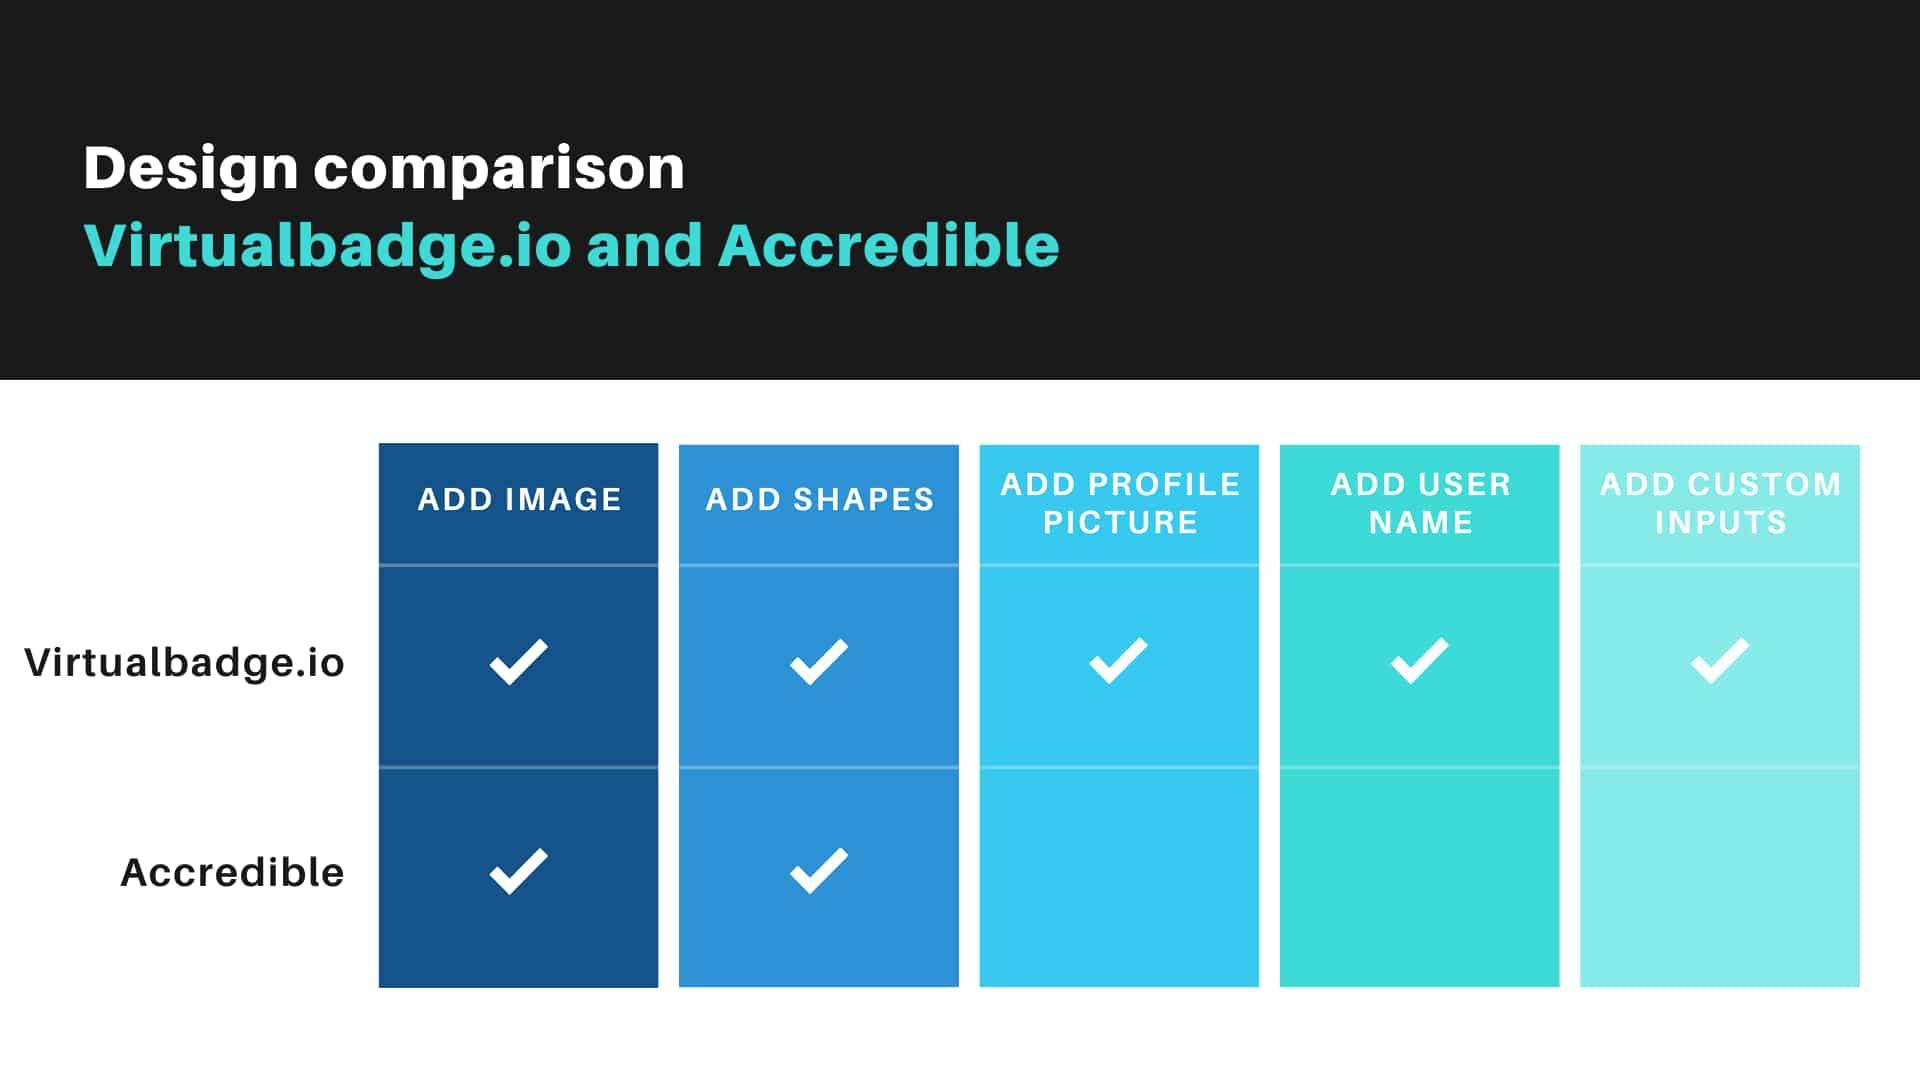 Virtualbadge.io vs Accredible - Design comparison tools